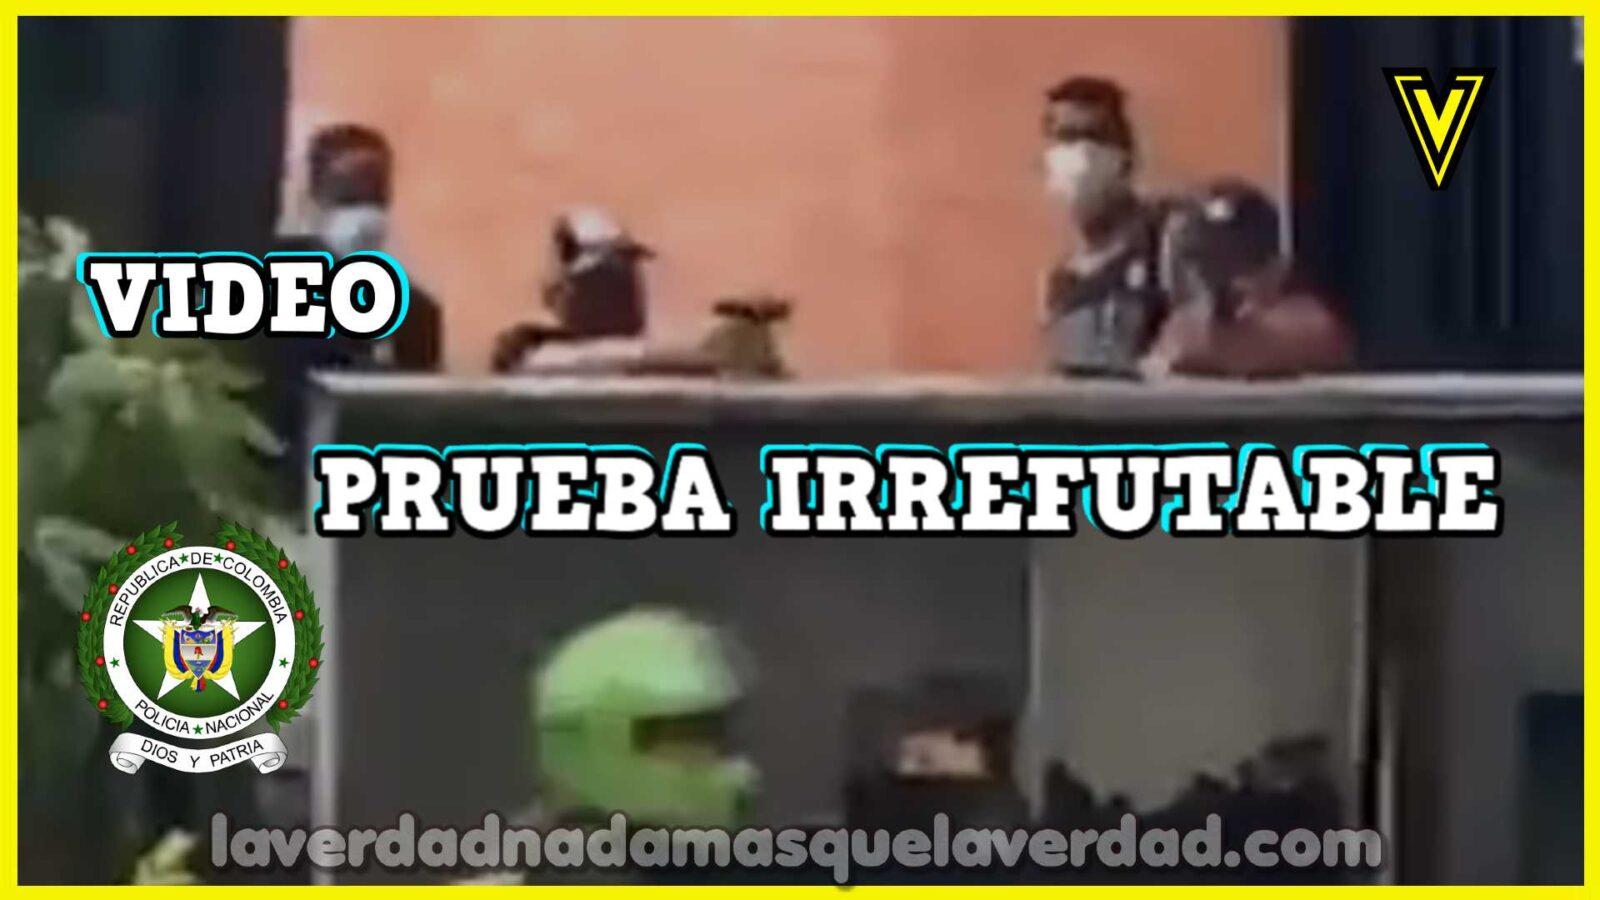 POLICIA DE COLOMBIA ASESINA EN VIDEO